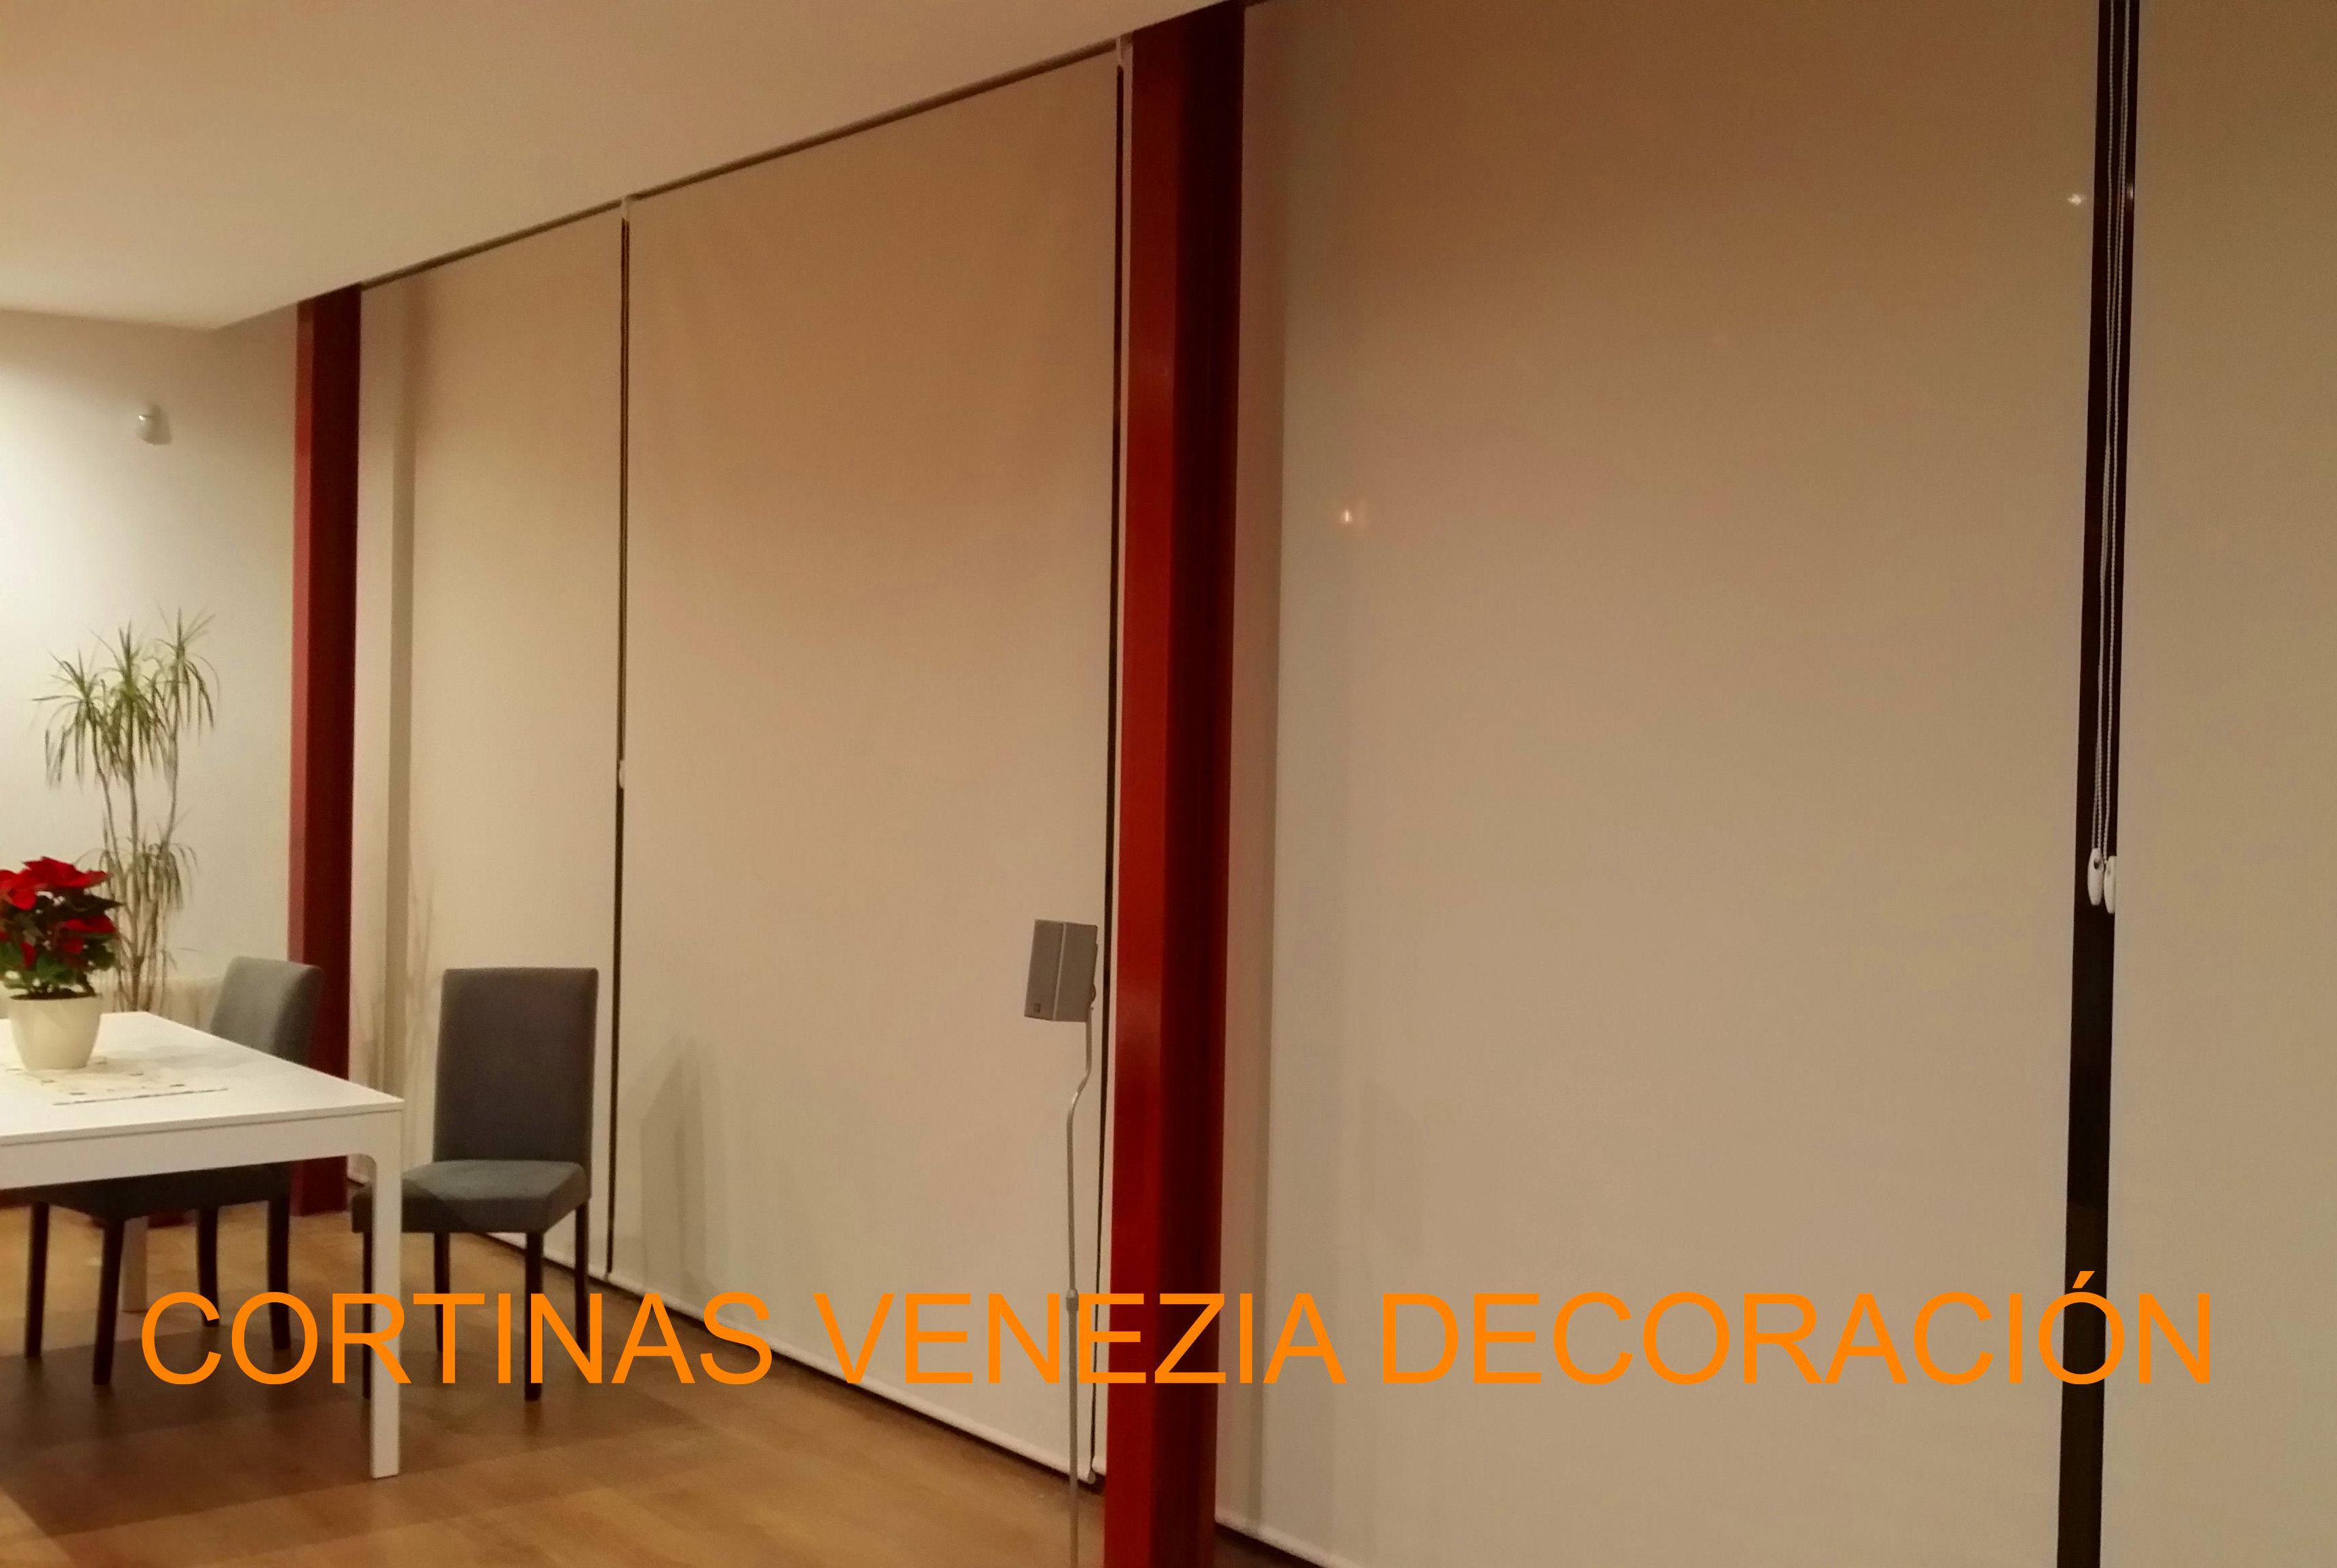 Foto 148 de Cortinas en Albacete | Venezia Decoración